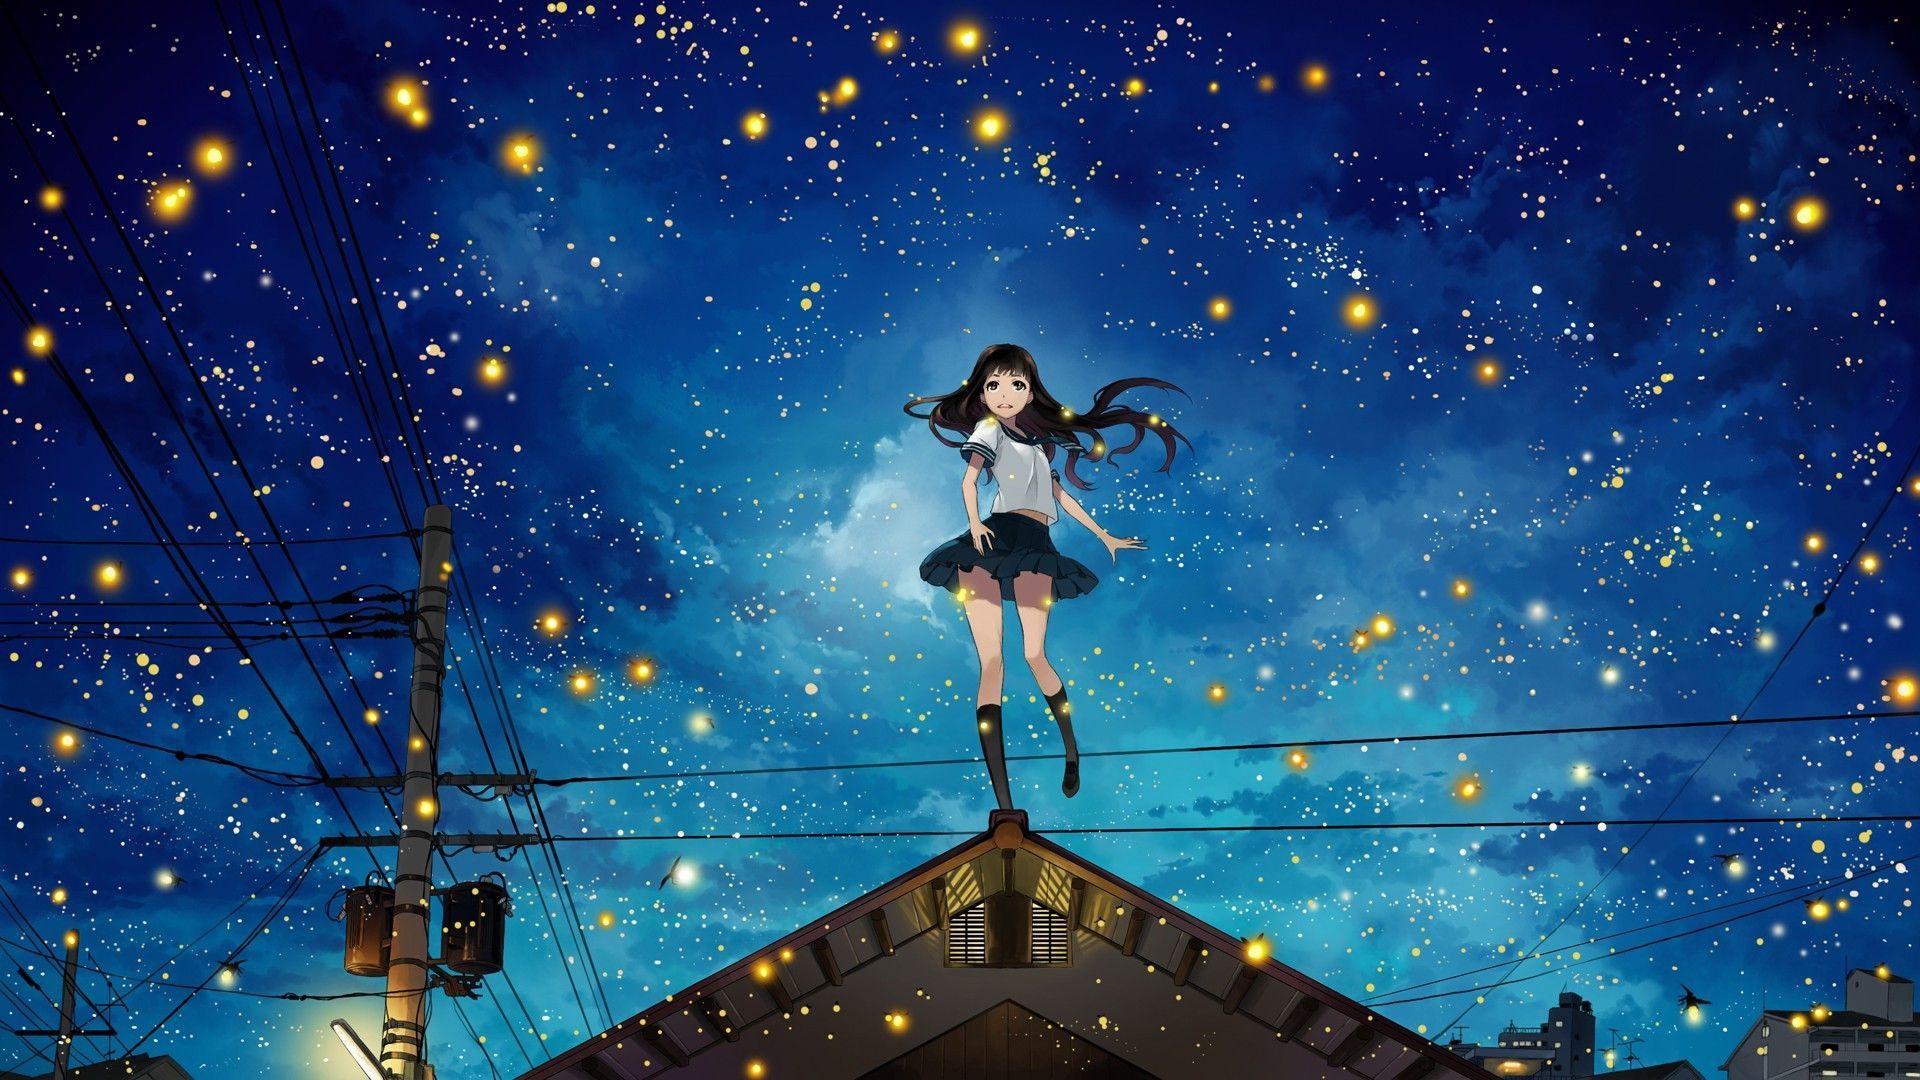 Pin de Starry_Sky em Wallpaper Notebook Cenário anime